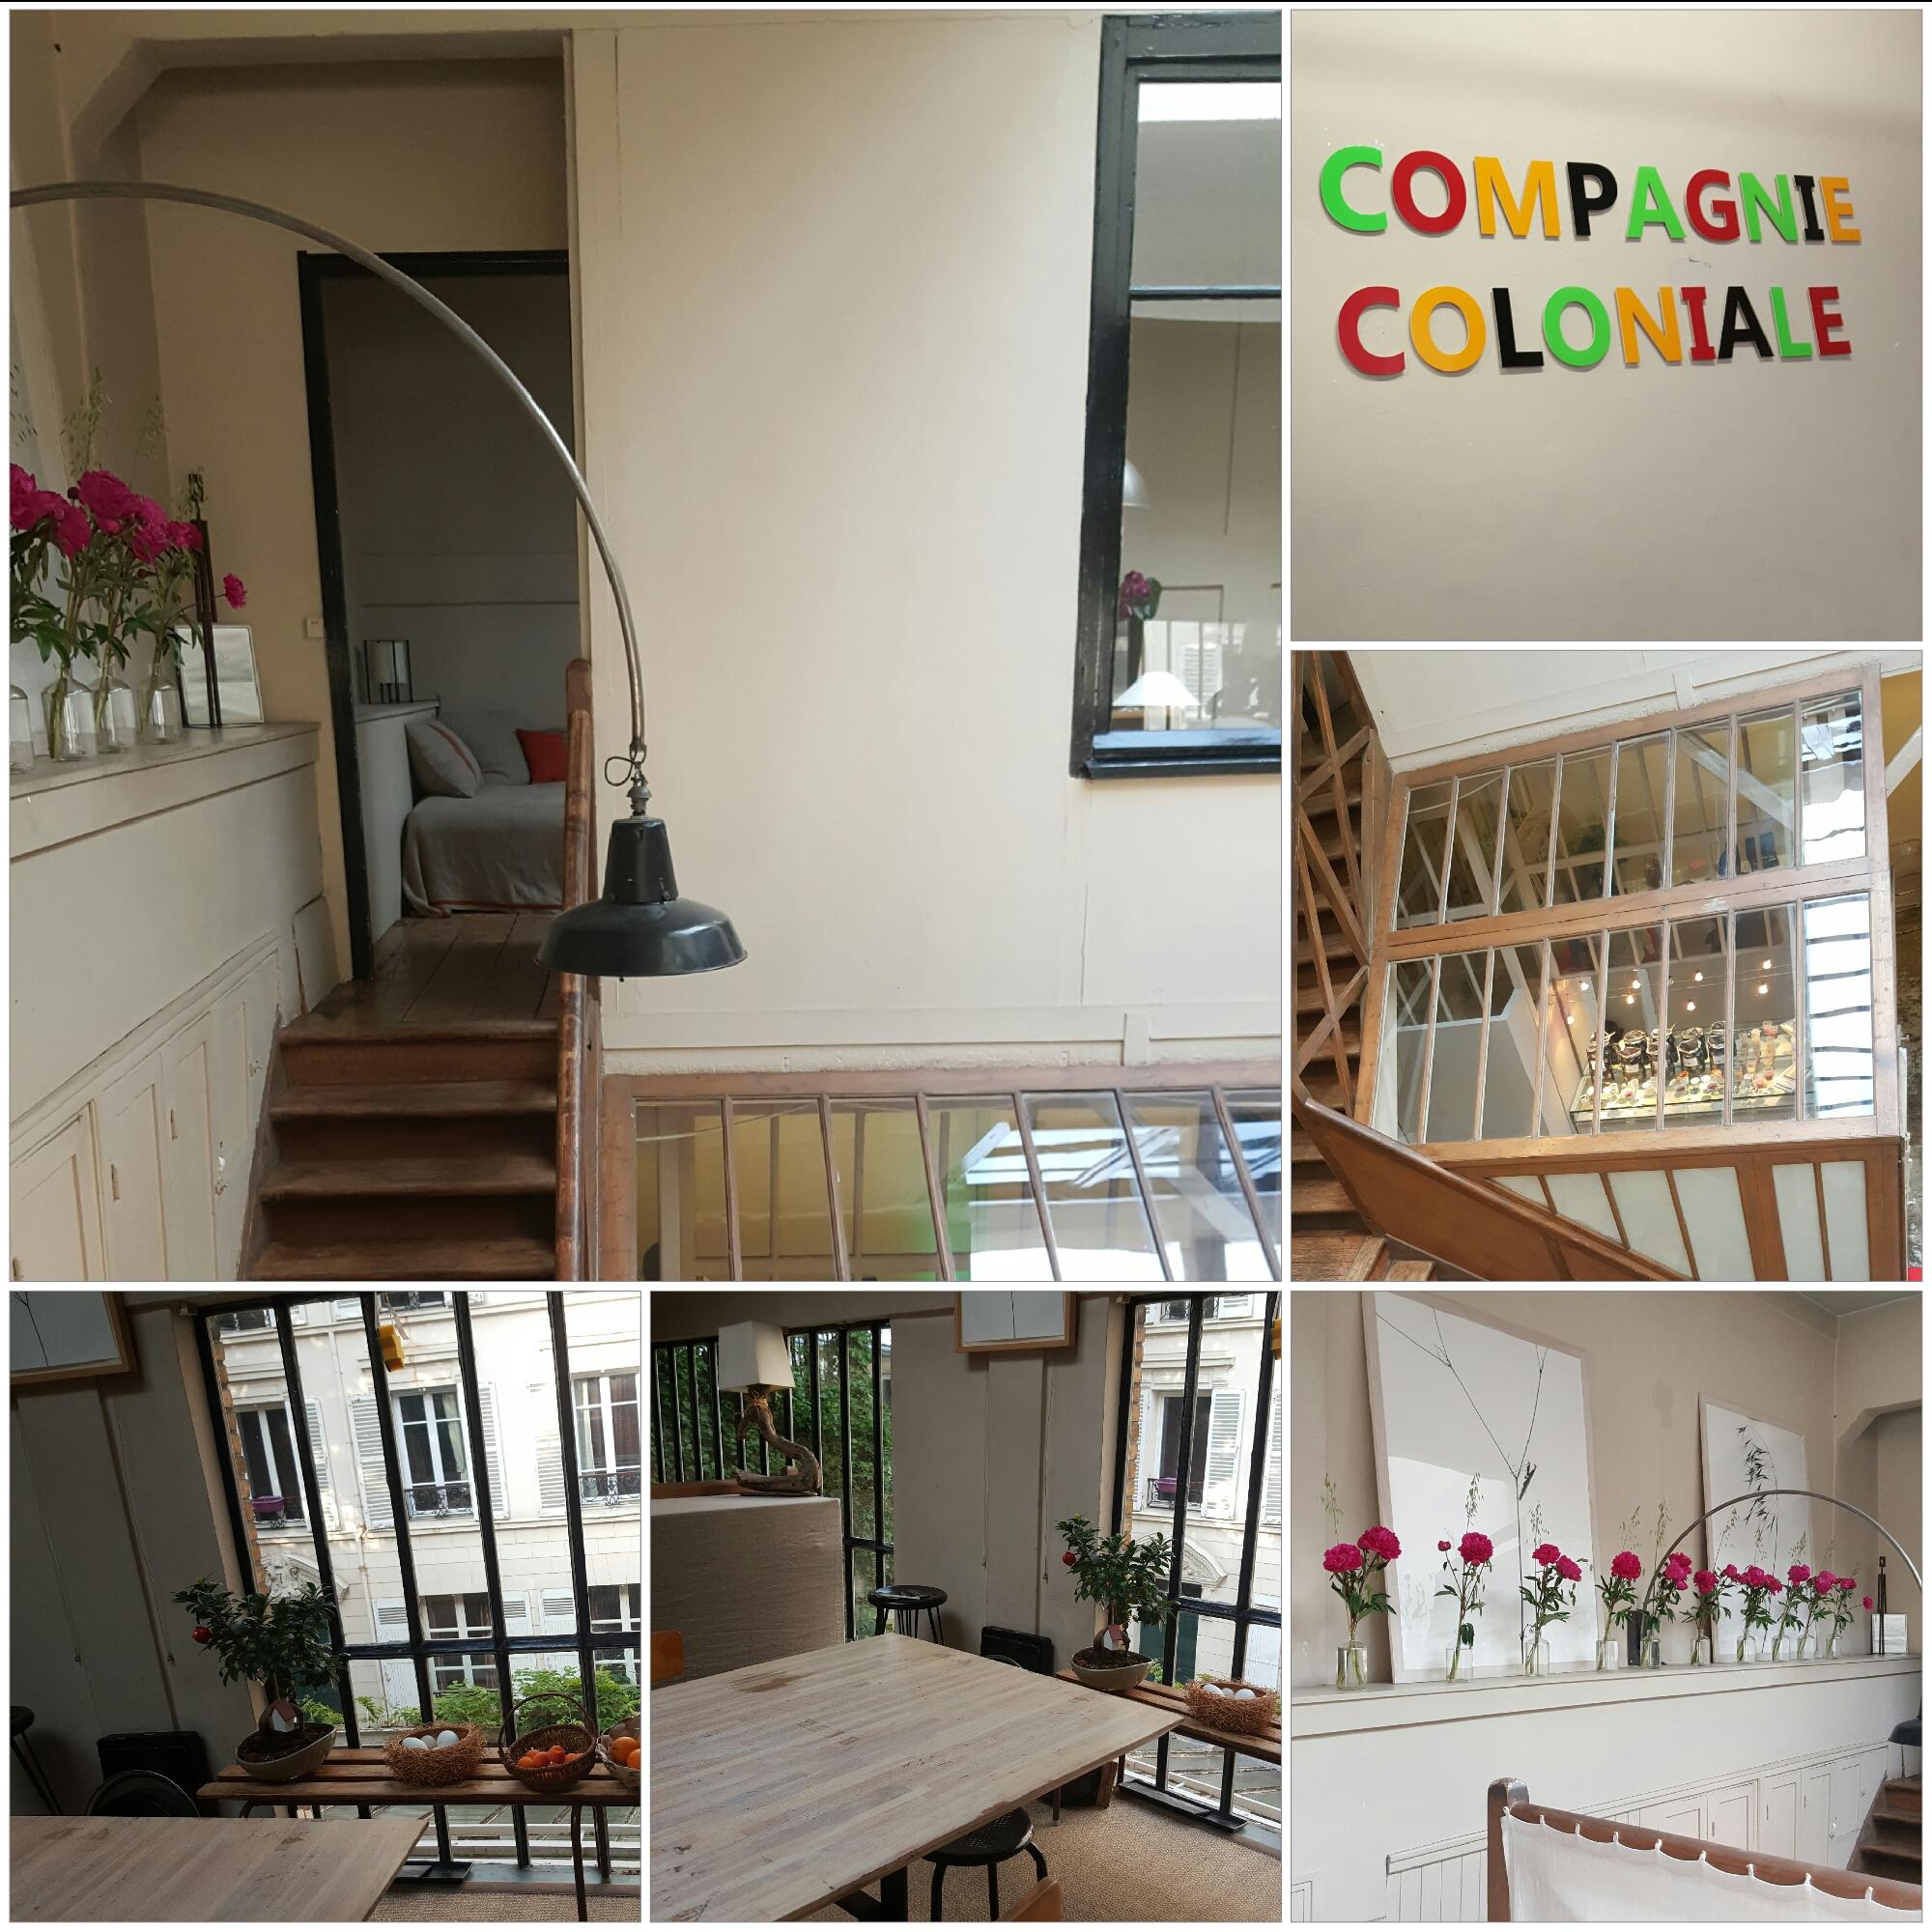 La compagnie coloniale press day dans le plus beau loft parisien - Les plus beaux lofts ...